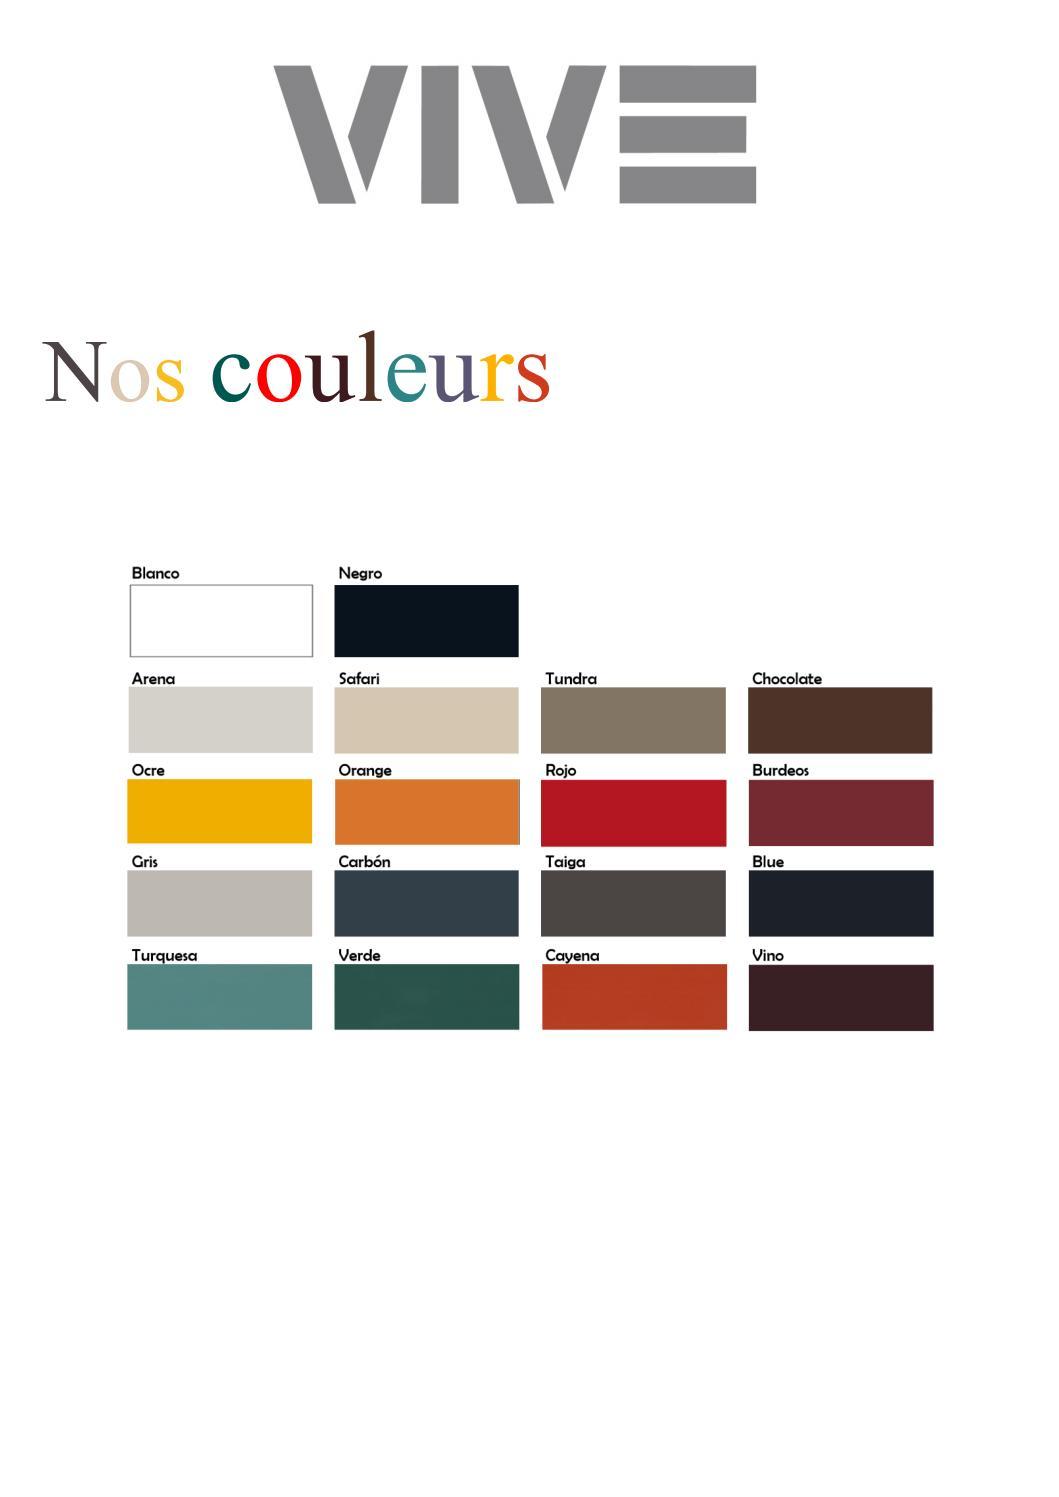 VIVE - Présentation de nos couleurs